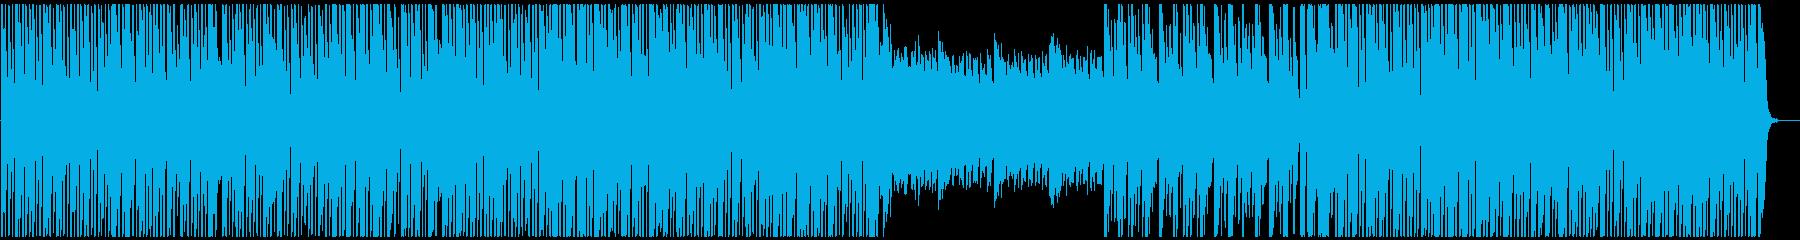 都会的な電脳世界マップBGM【ループ可】の再生済みの波形